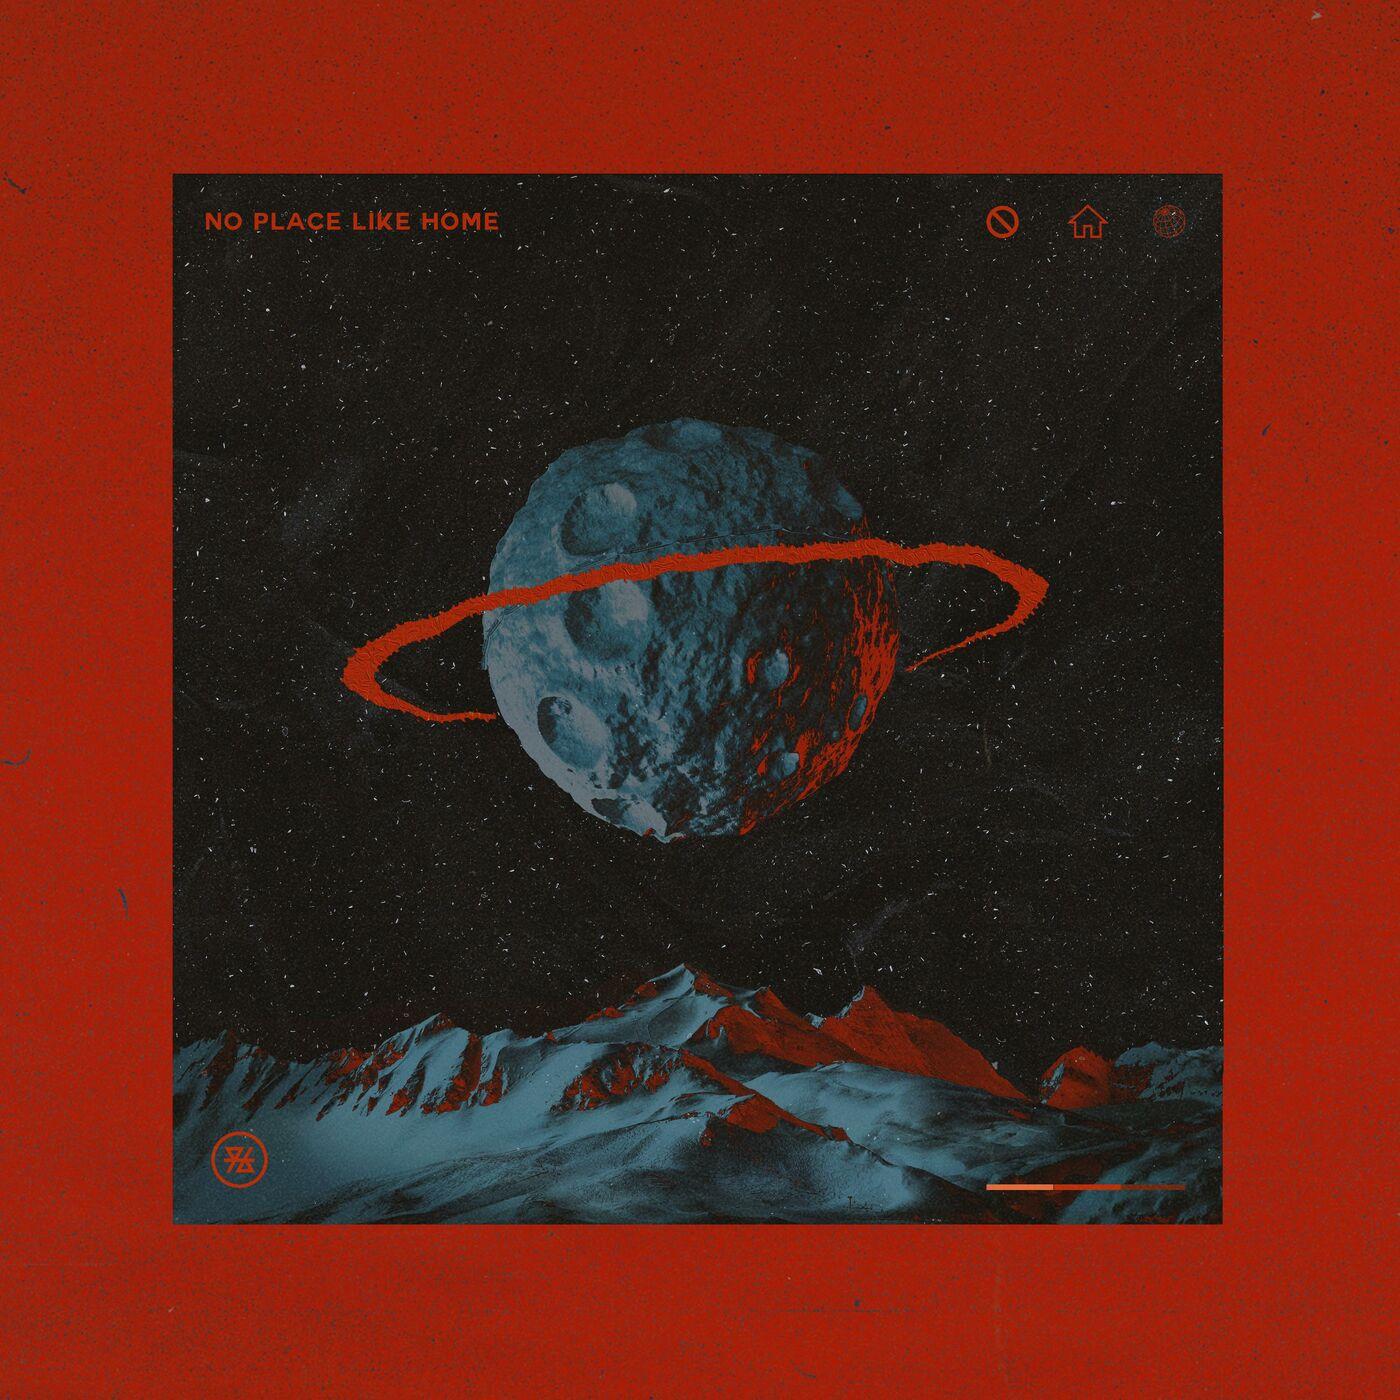 Valiant Hearts - No Place Like Home [single] (2019)